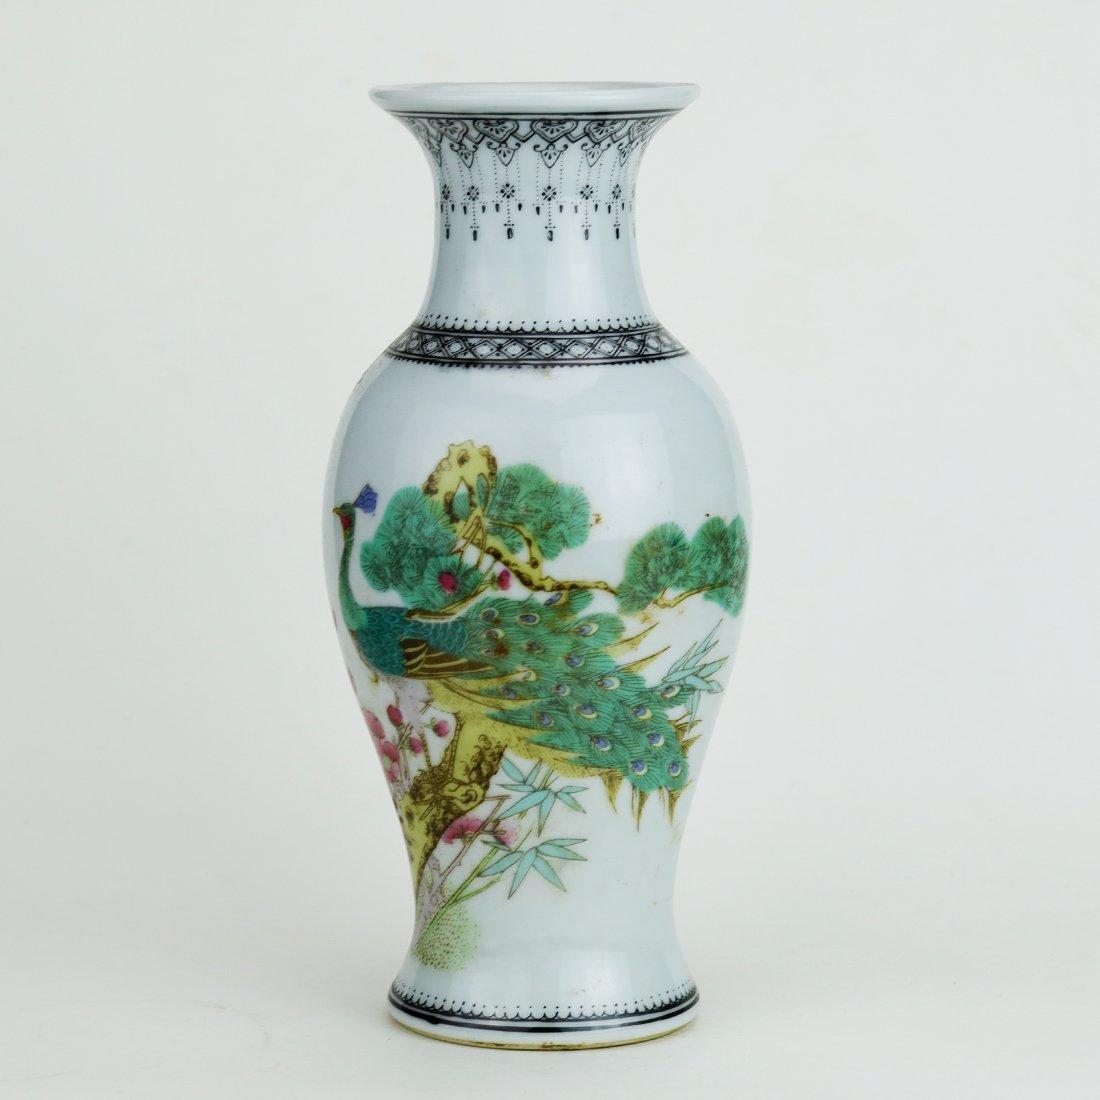 Jingdezhen pastel peacock ceramic vase,19 Century